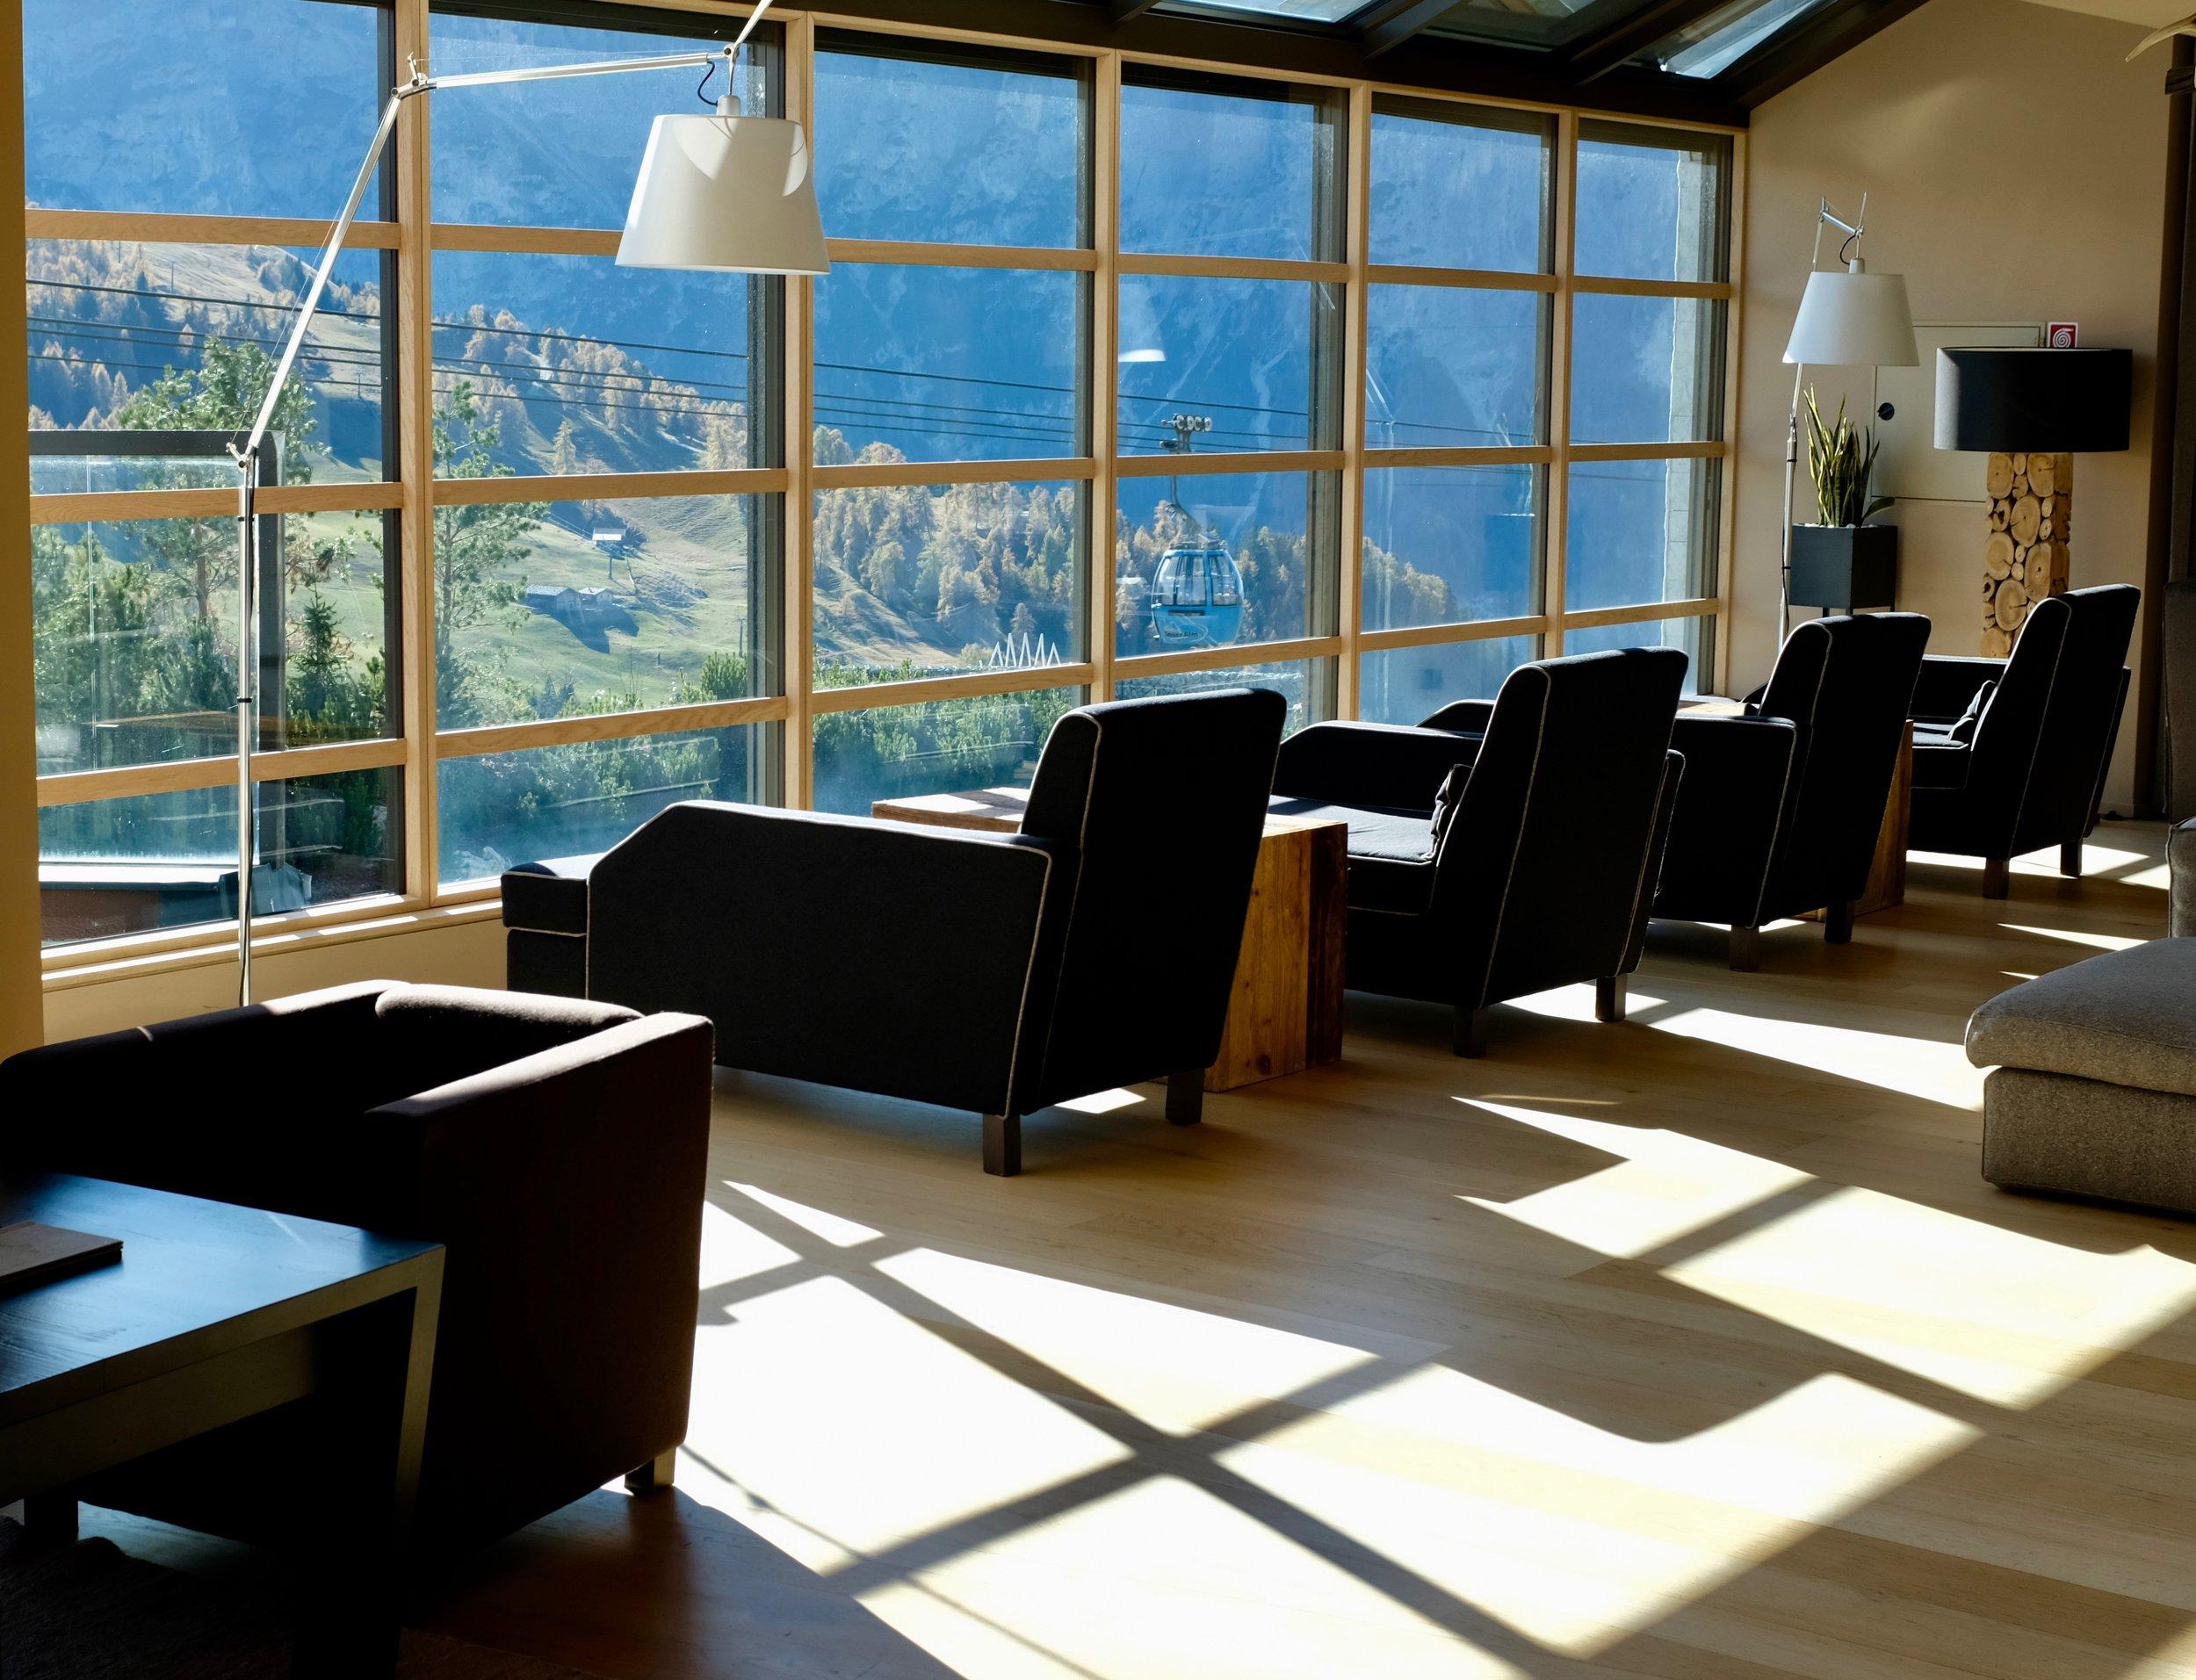 Süd-Tirol Seiser Alm Italien Reise-Tipps für den Herbst Beate Finken BeFifty Blog für Frauen über 40 und ab 50. Alpina Dolomites